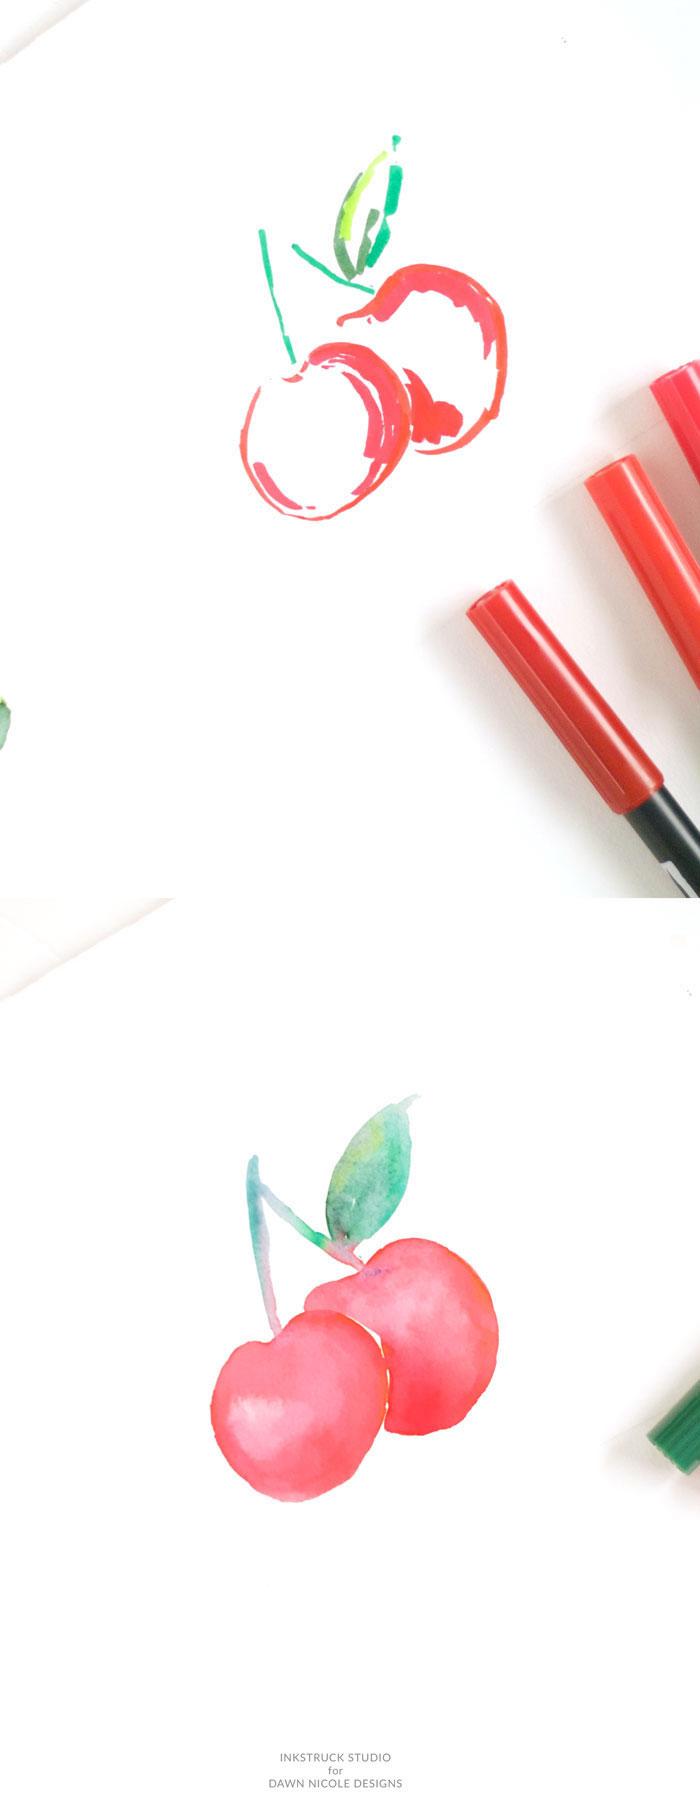 Wie zeichnet man Kirschen mit Filzstiften und Aquarellfarben, Anleitungen für Anfänger